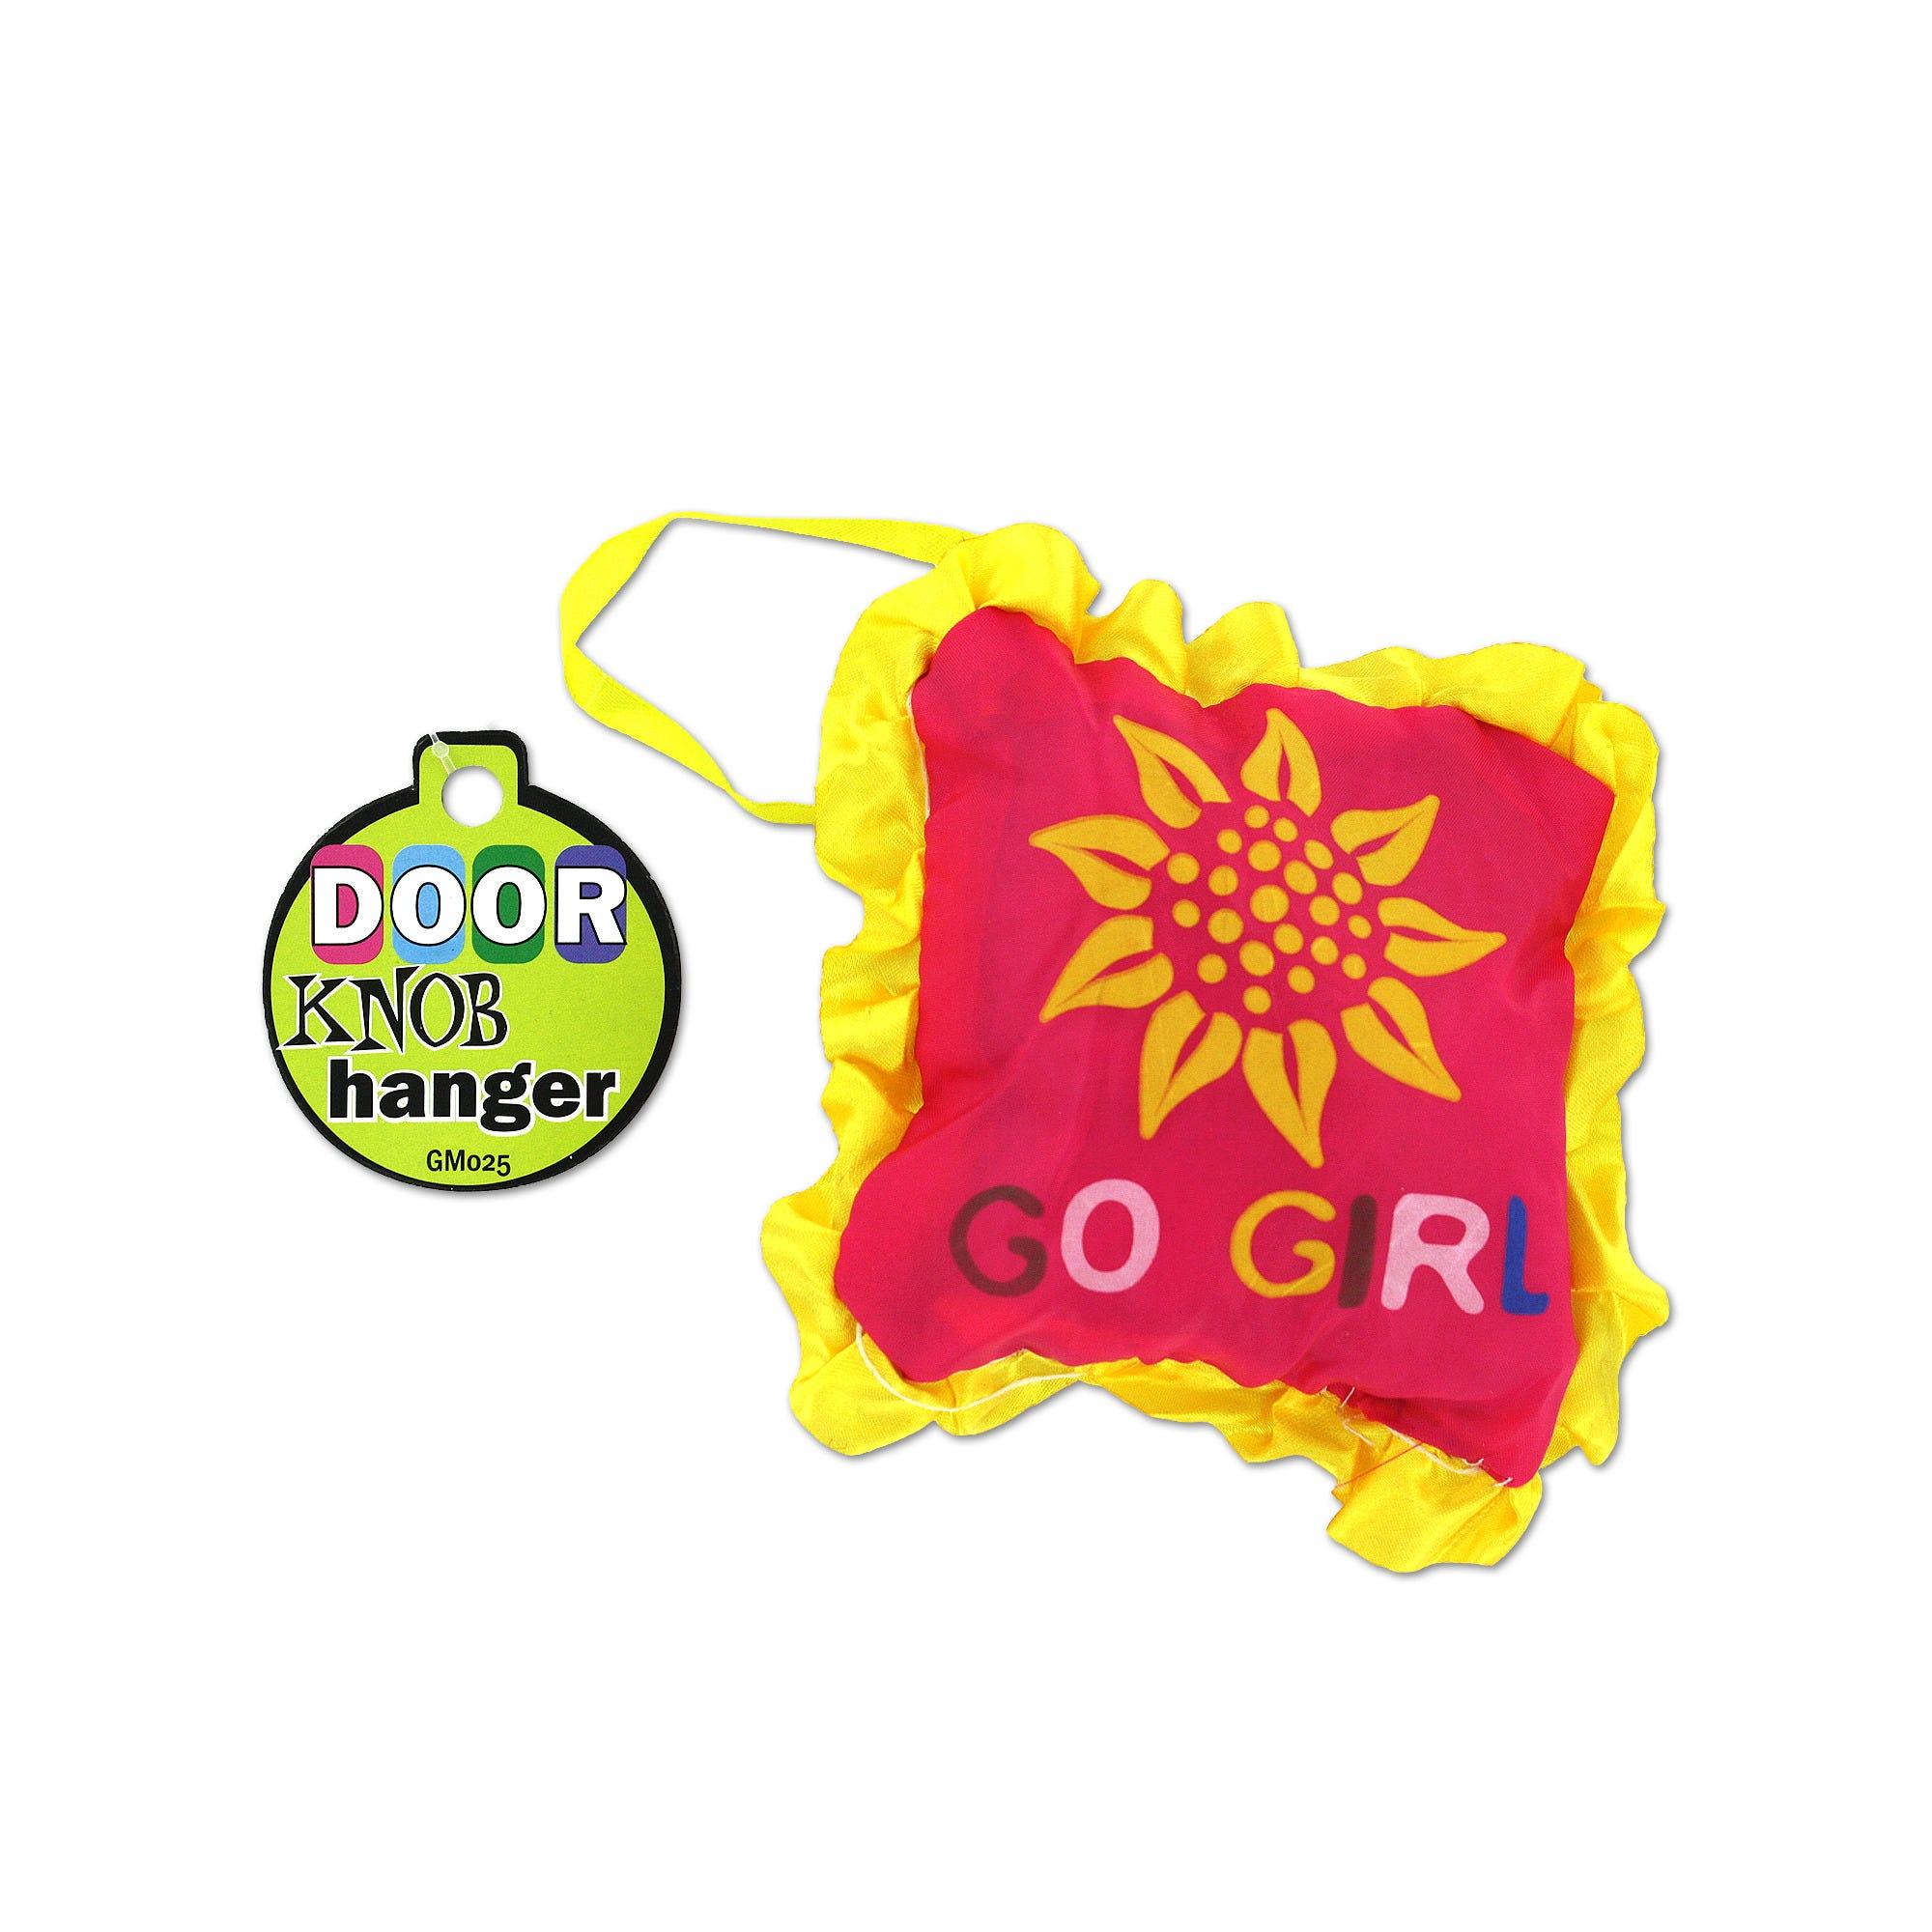 DOOR Knob Hangers- Qty 24